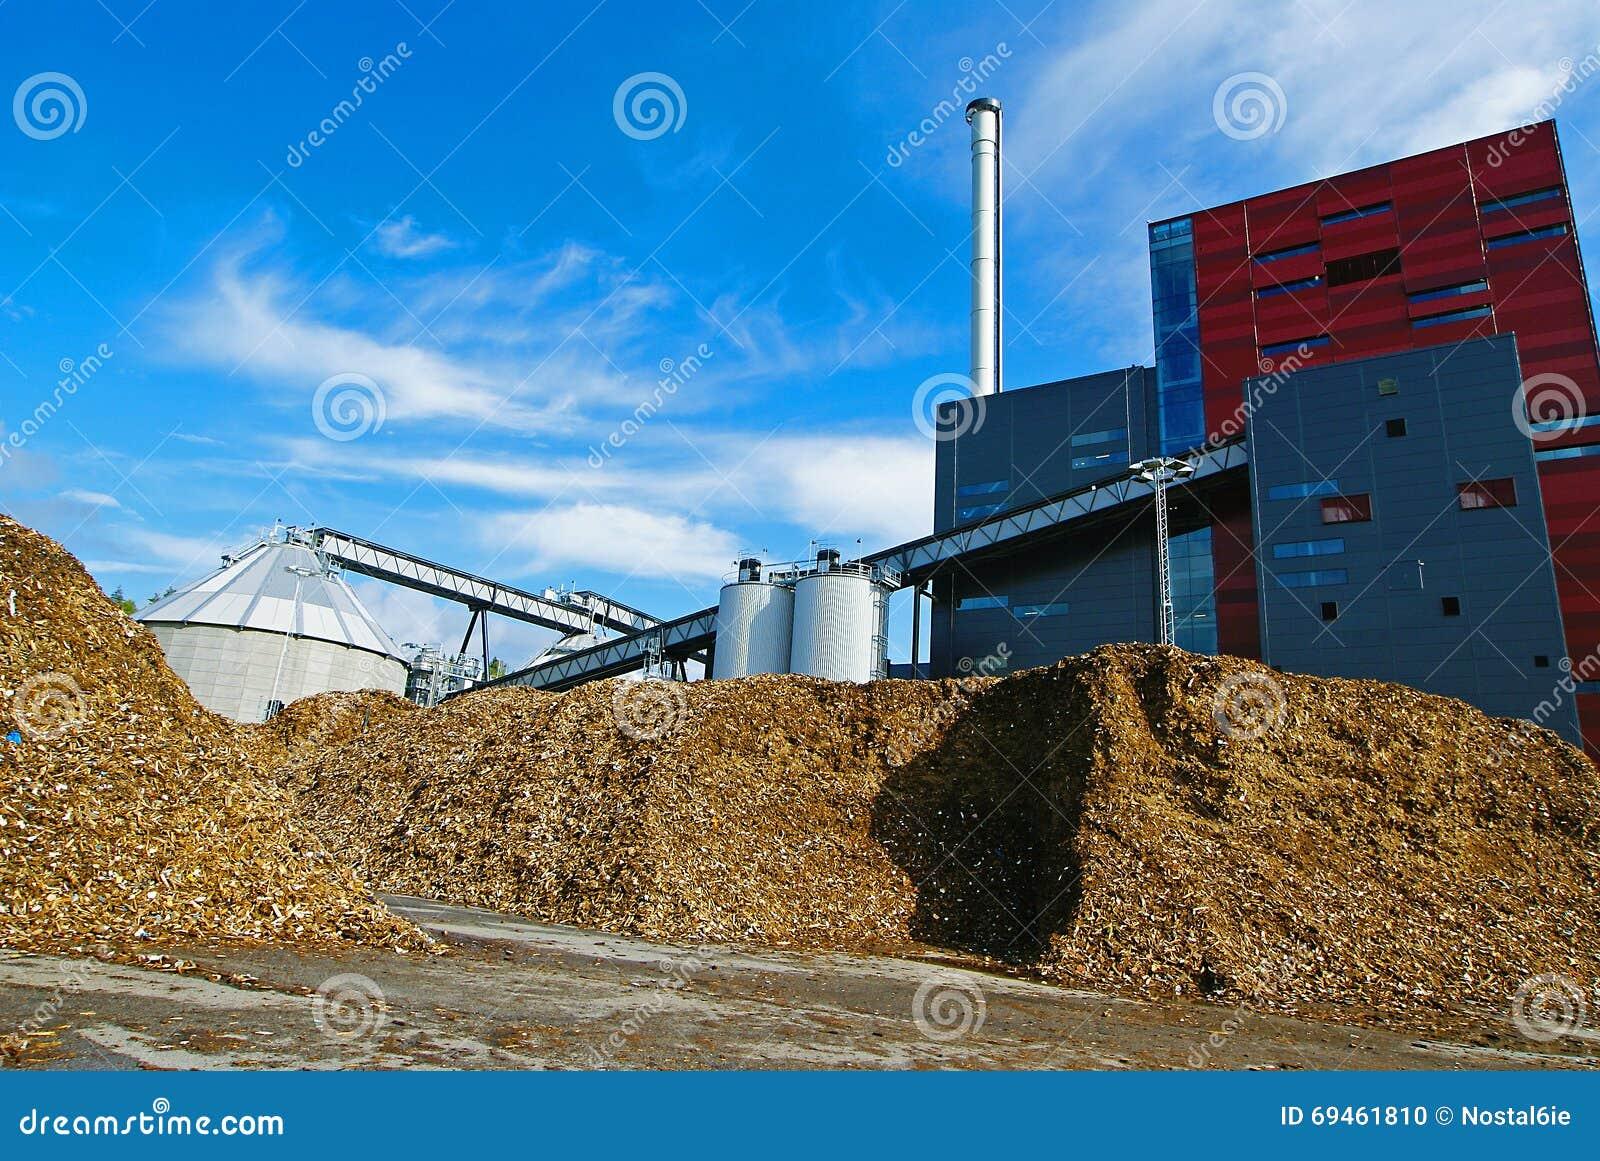 Bio central eléctrica con almacenamiento del combustible de madera (biomasa) contra el bl